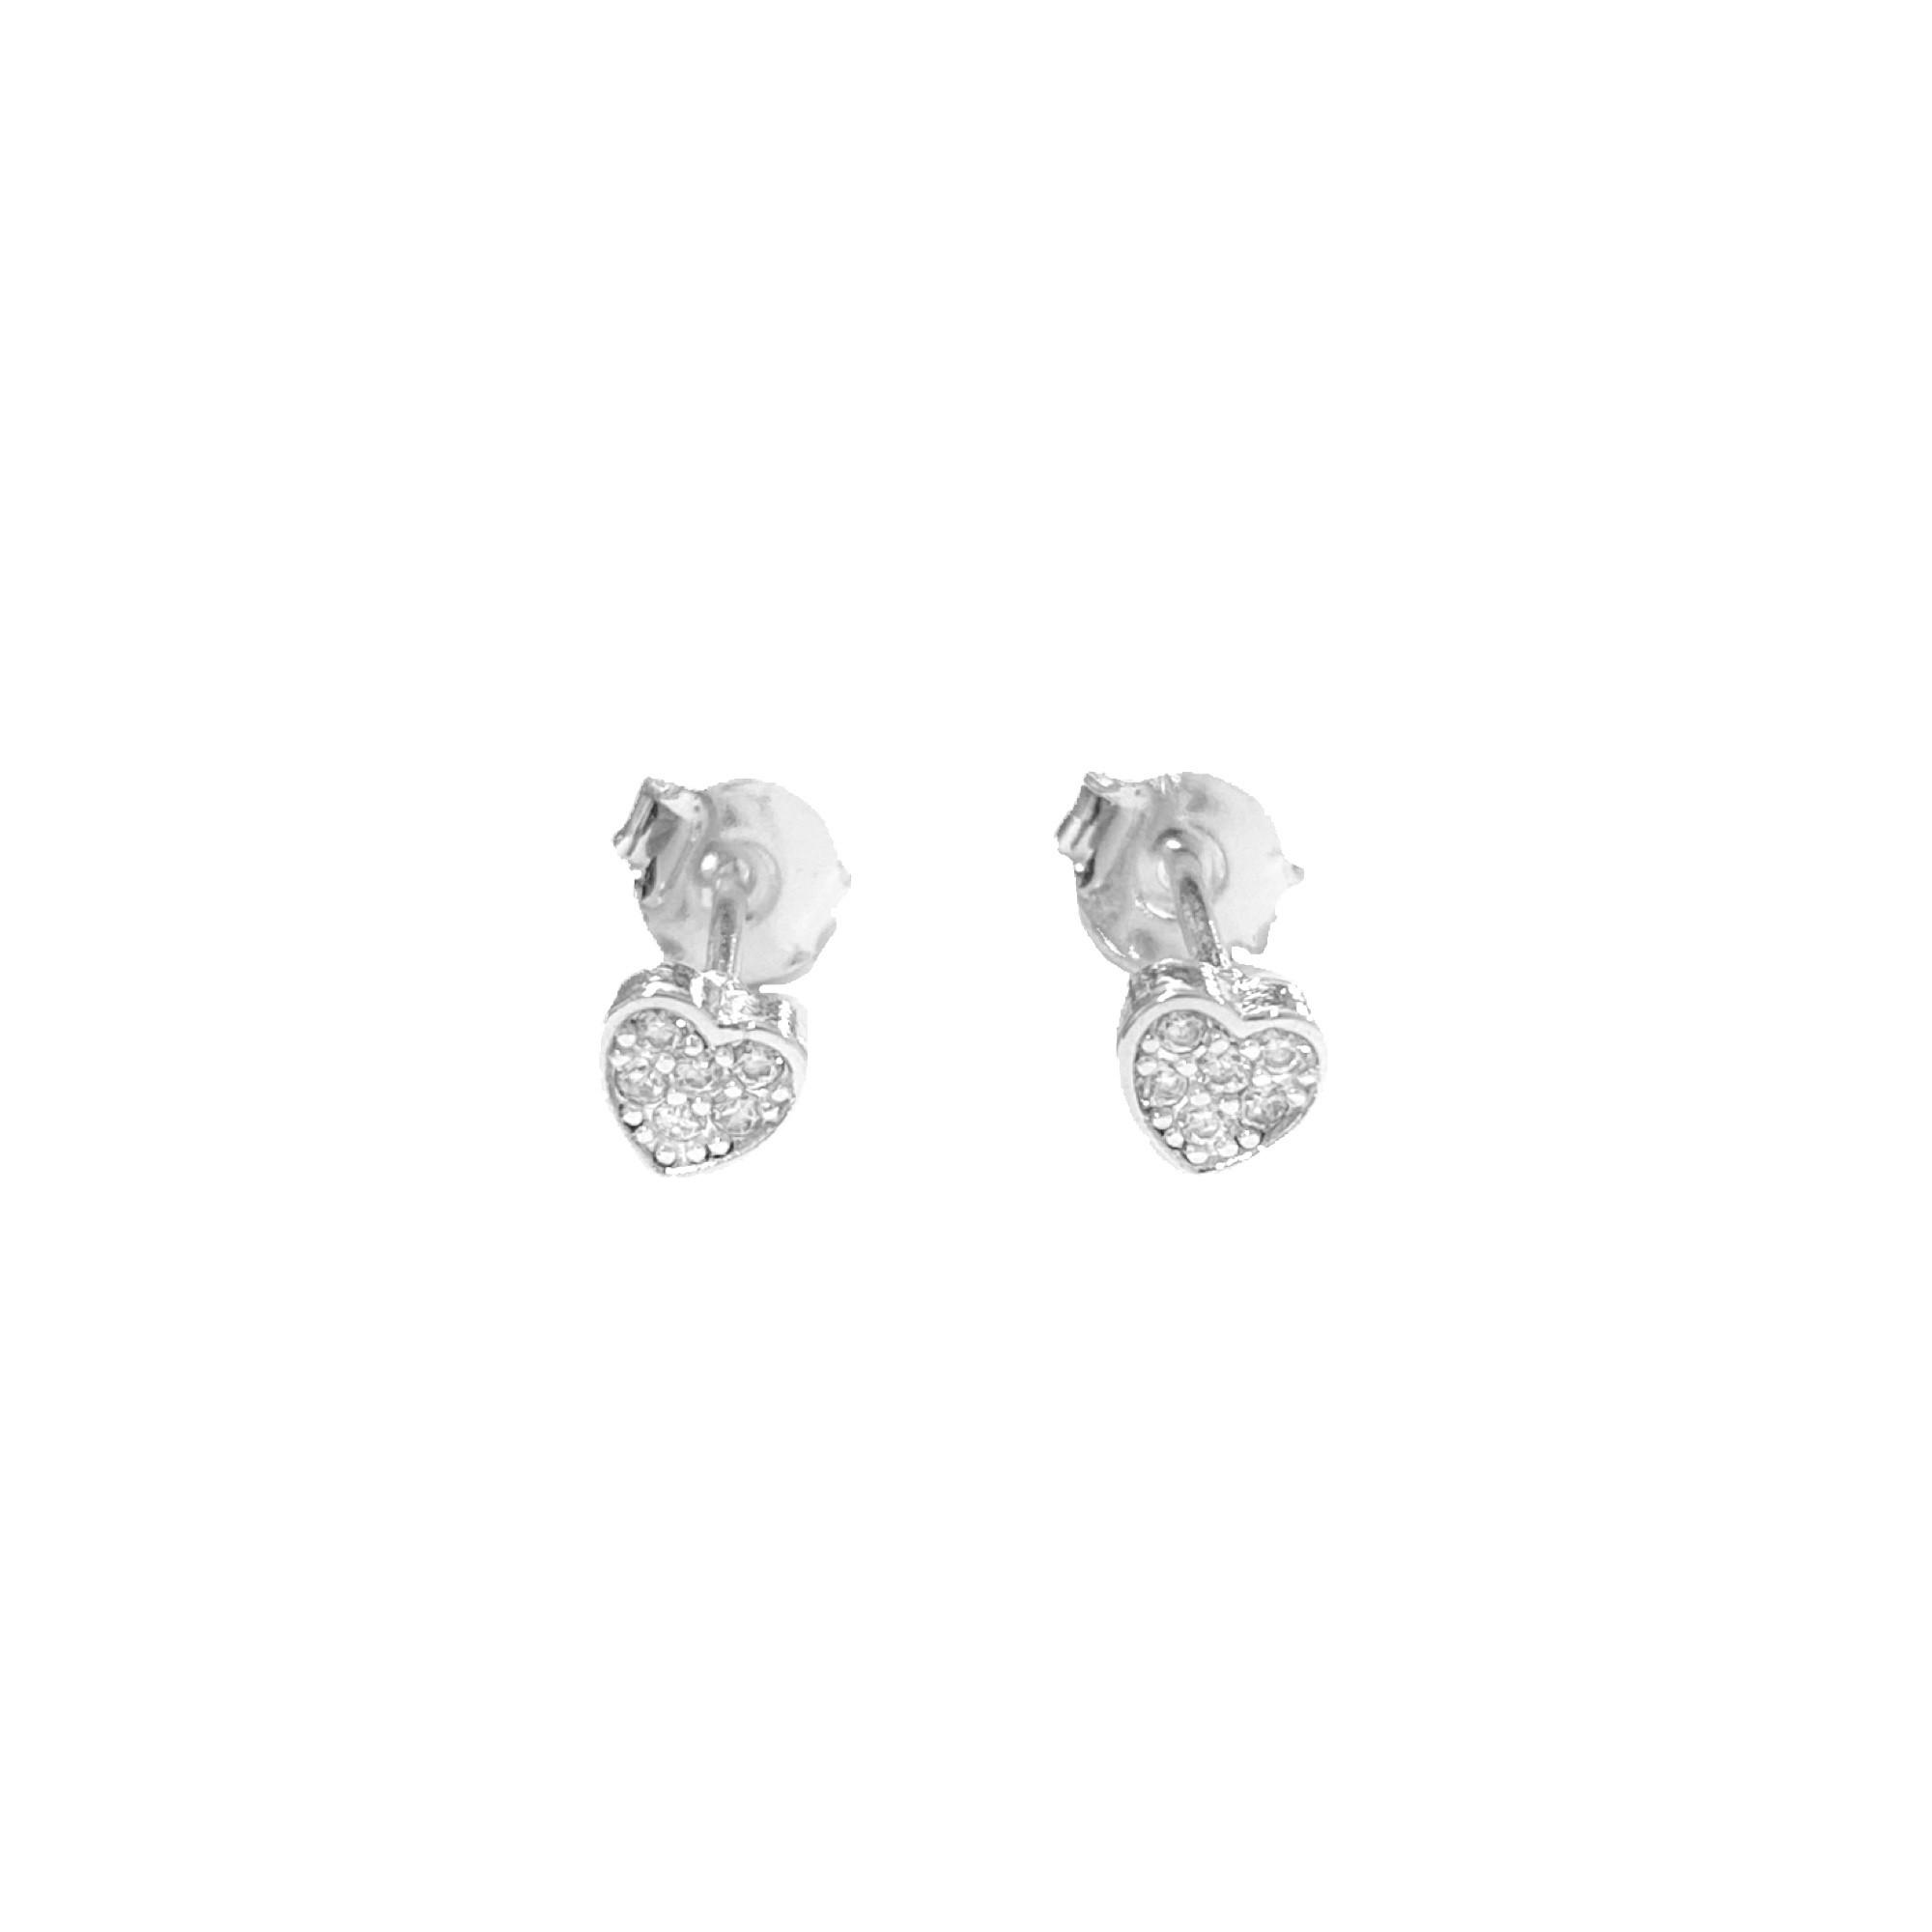 Brinco Coração Mini Cravejado em Zircônia (Banho Prata 925)